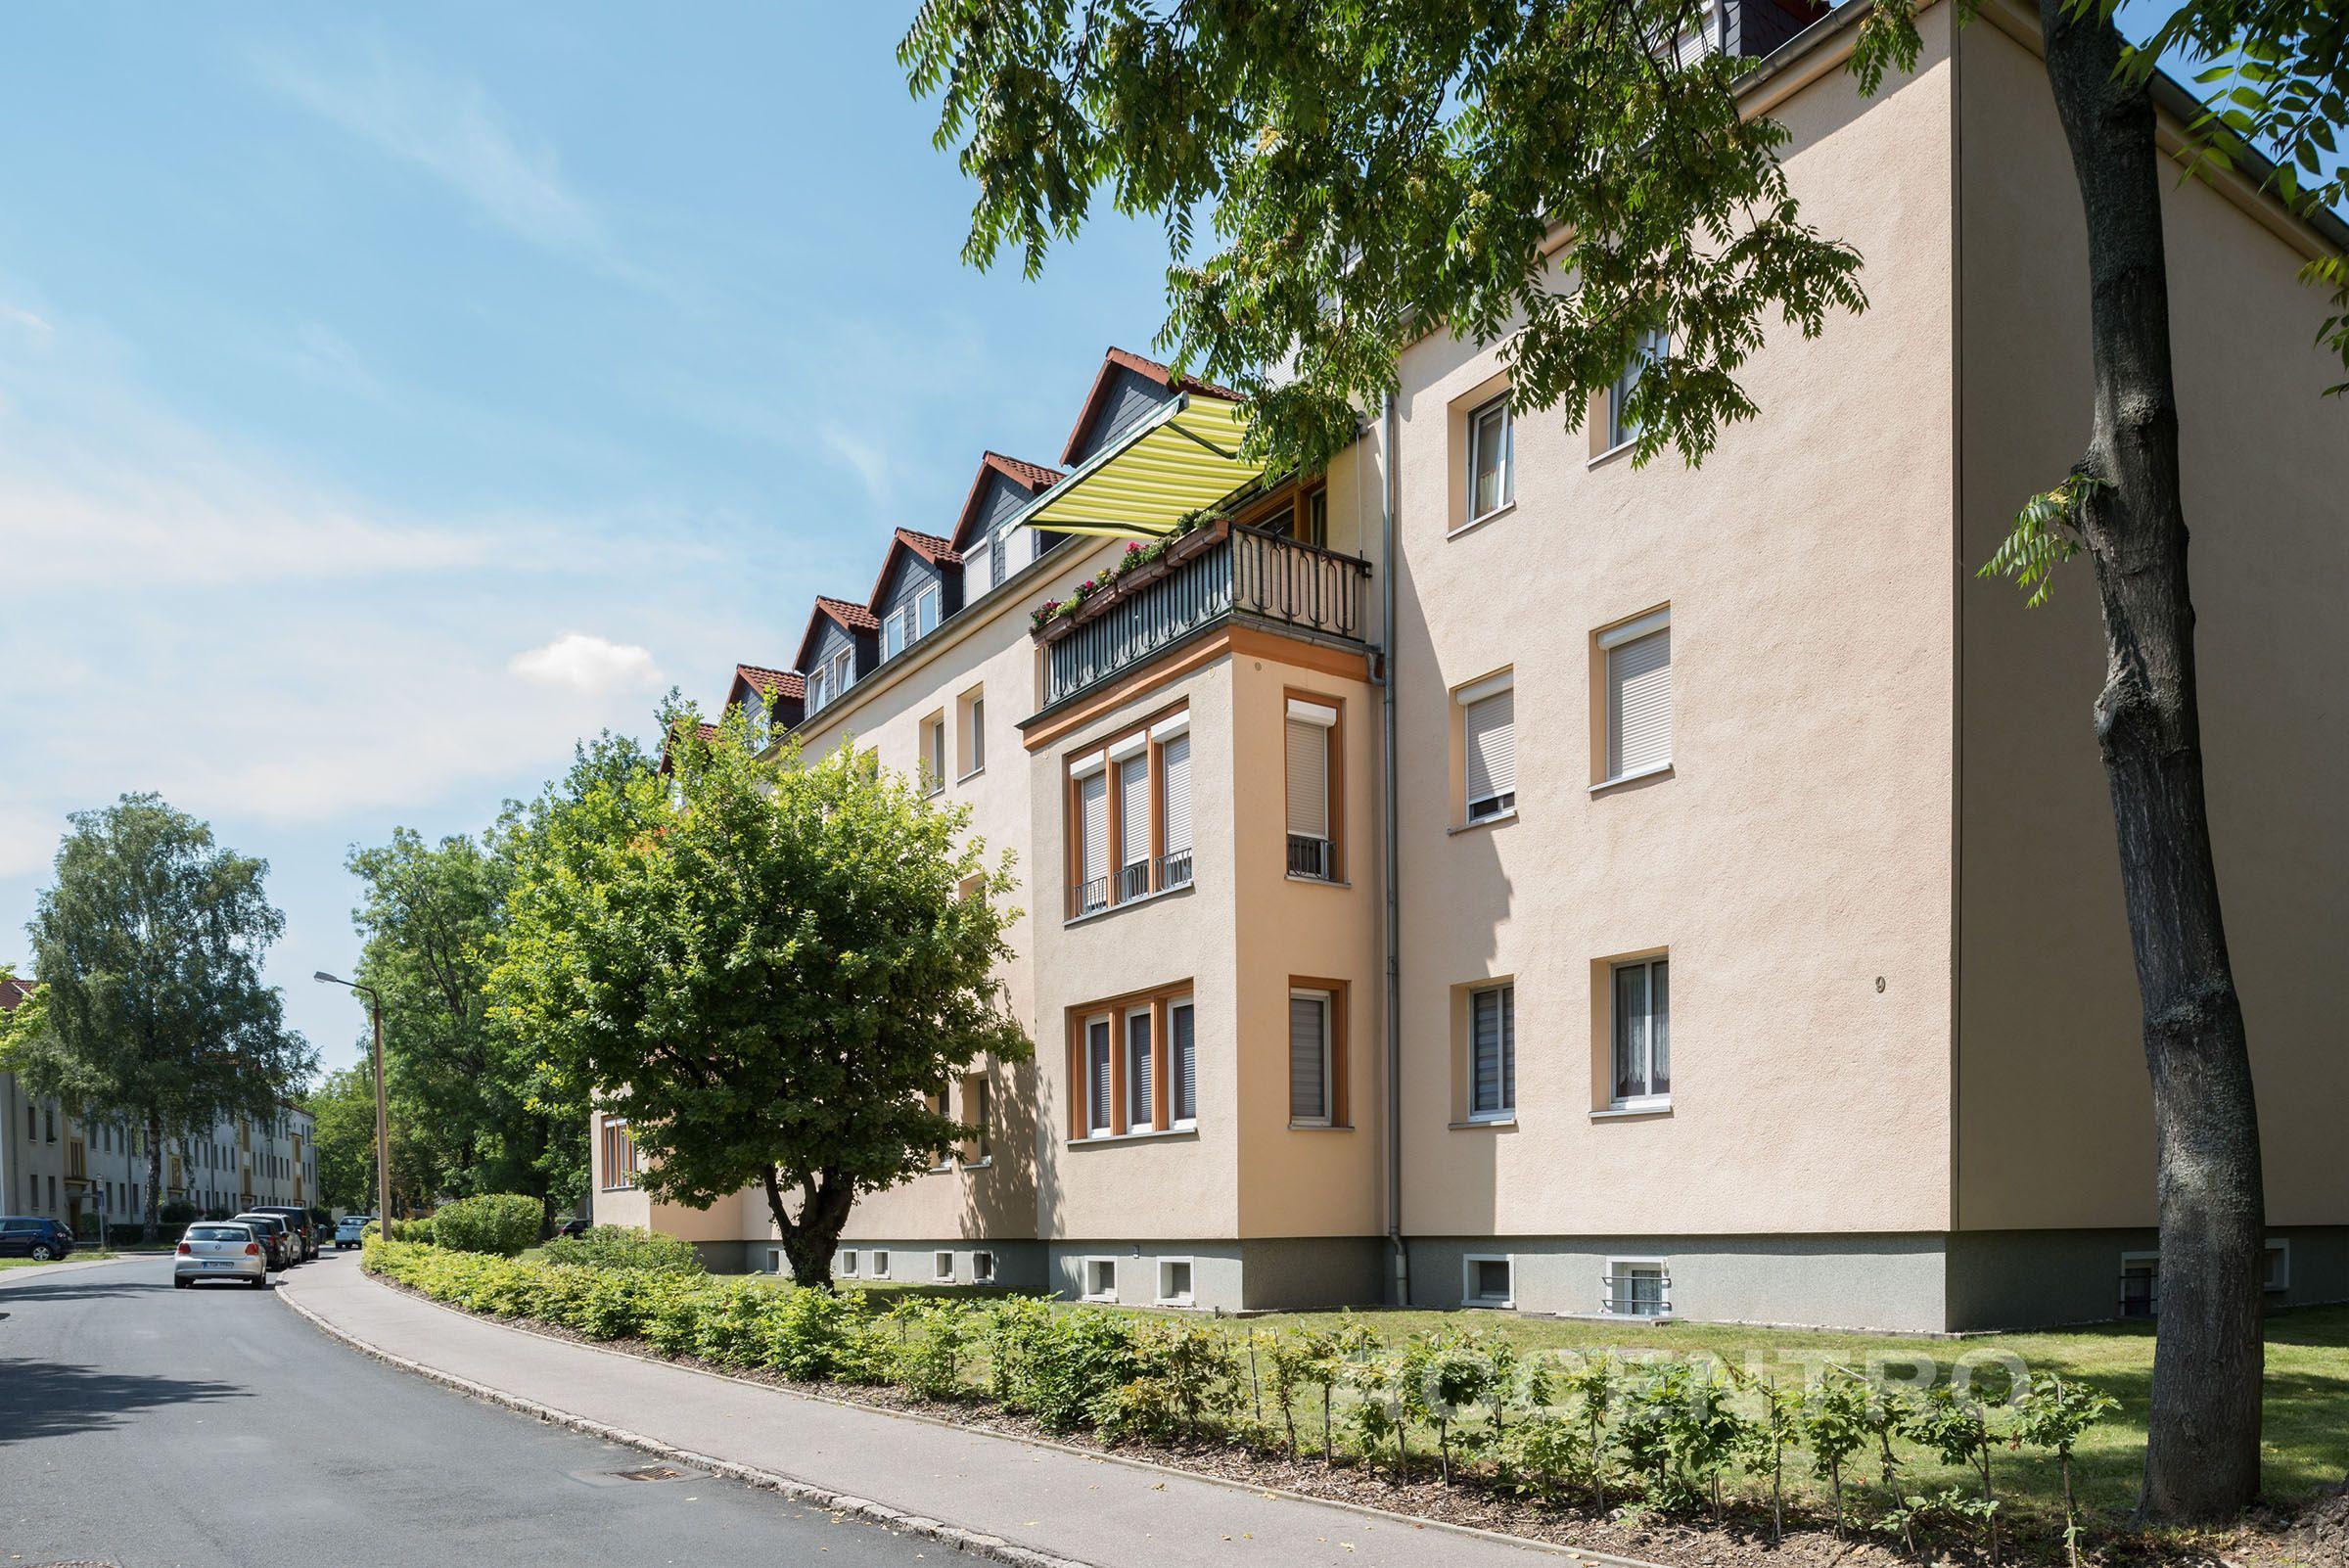 Eigentumswohnungen in der Straße der Einheit in Böhlen bei